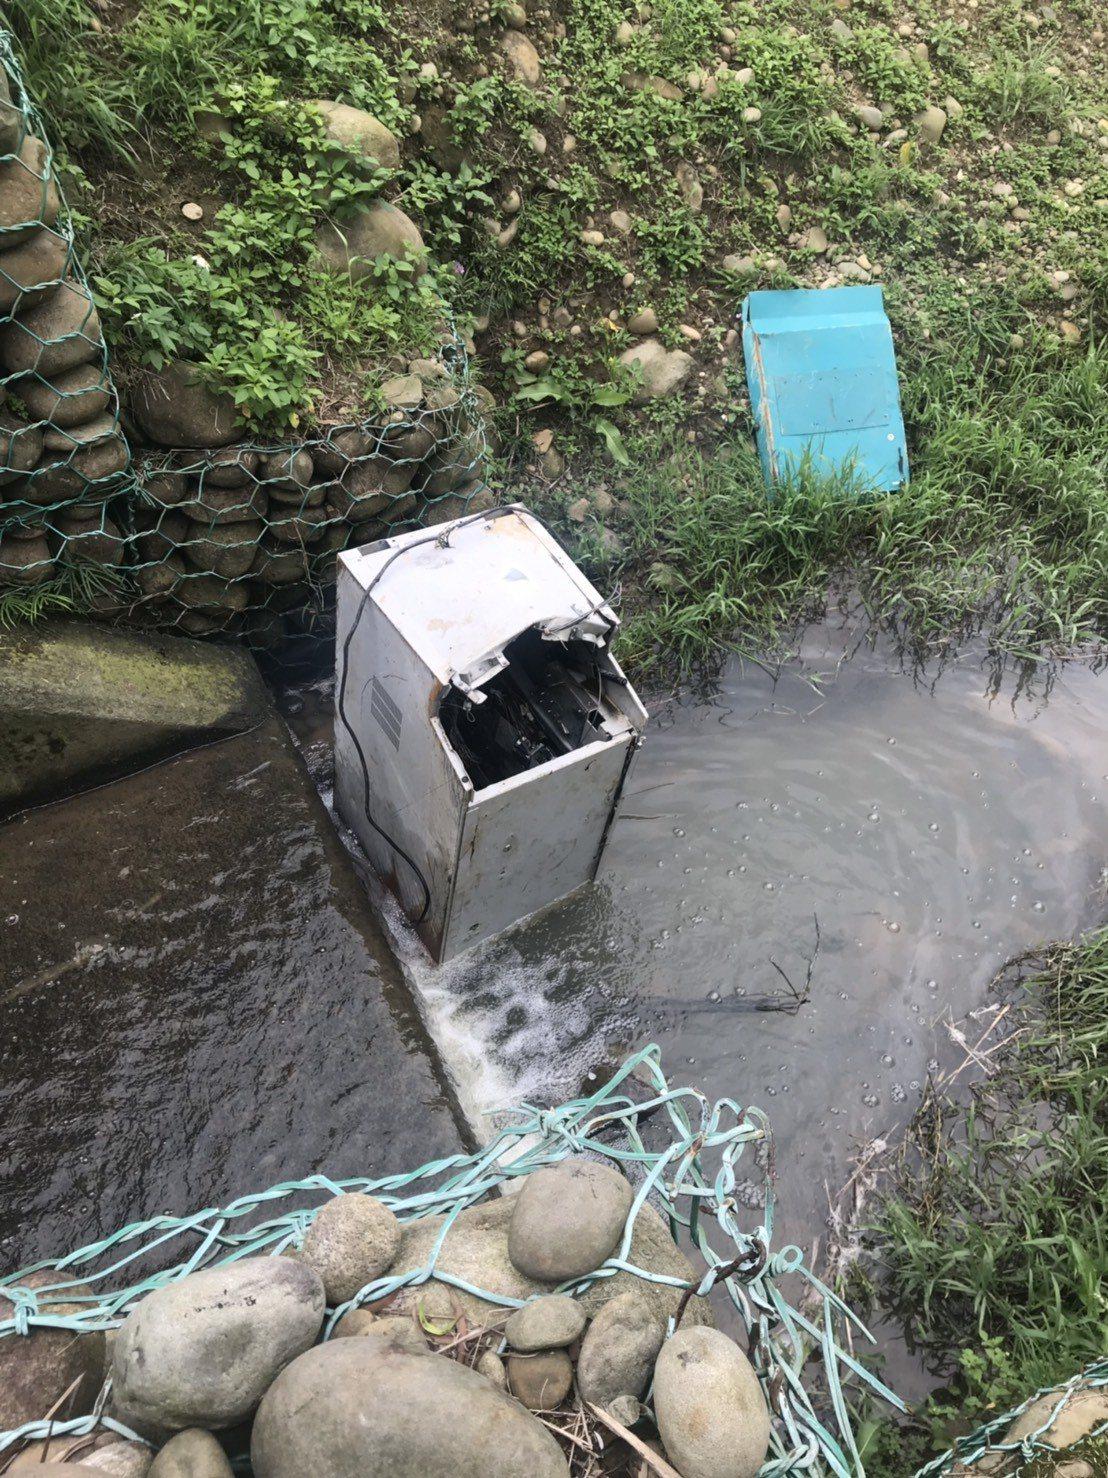 民眾下午在溪裡發現提款機,向新竹縣警方報案。記者鄭國樑/翻攝